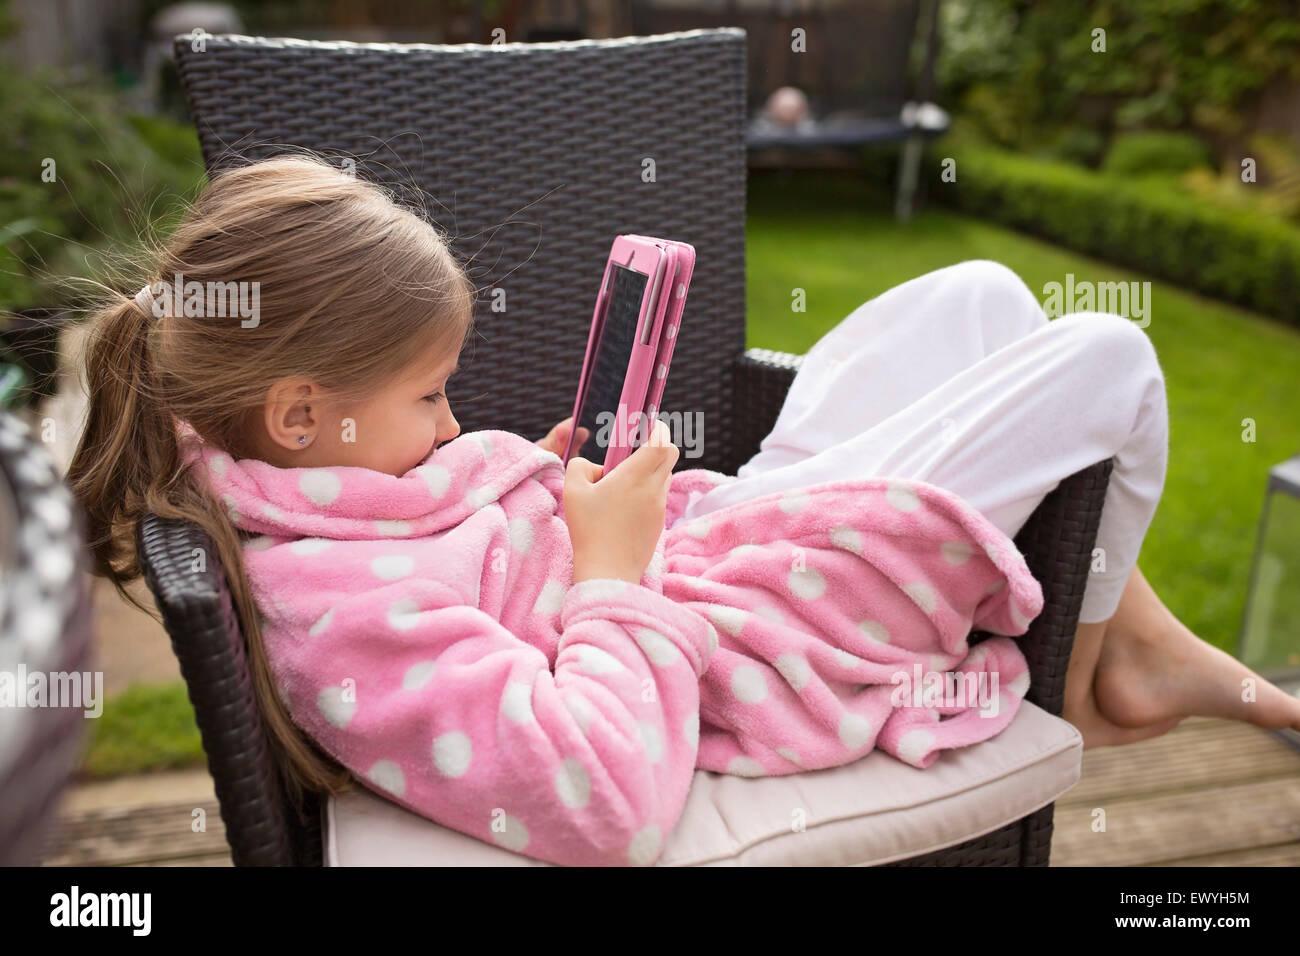 Chica viendo la película sobre dispositivos electrónicos Imagen De Stock